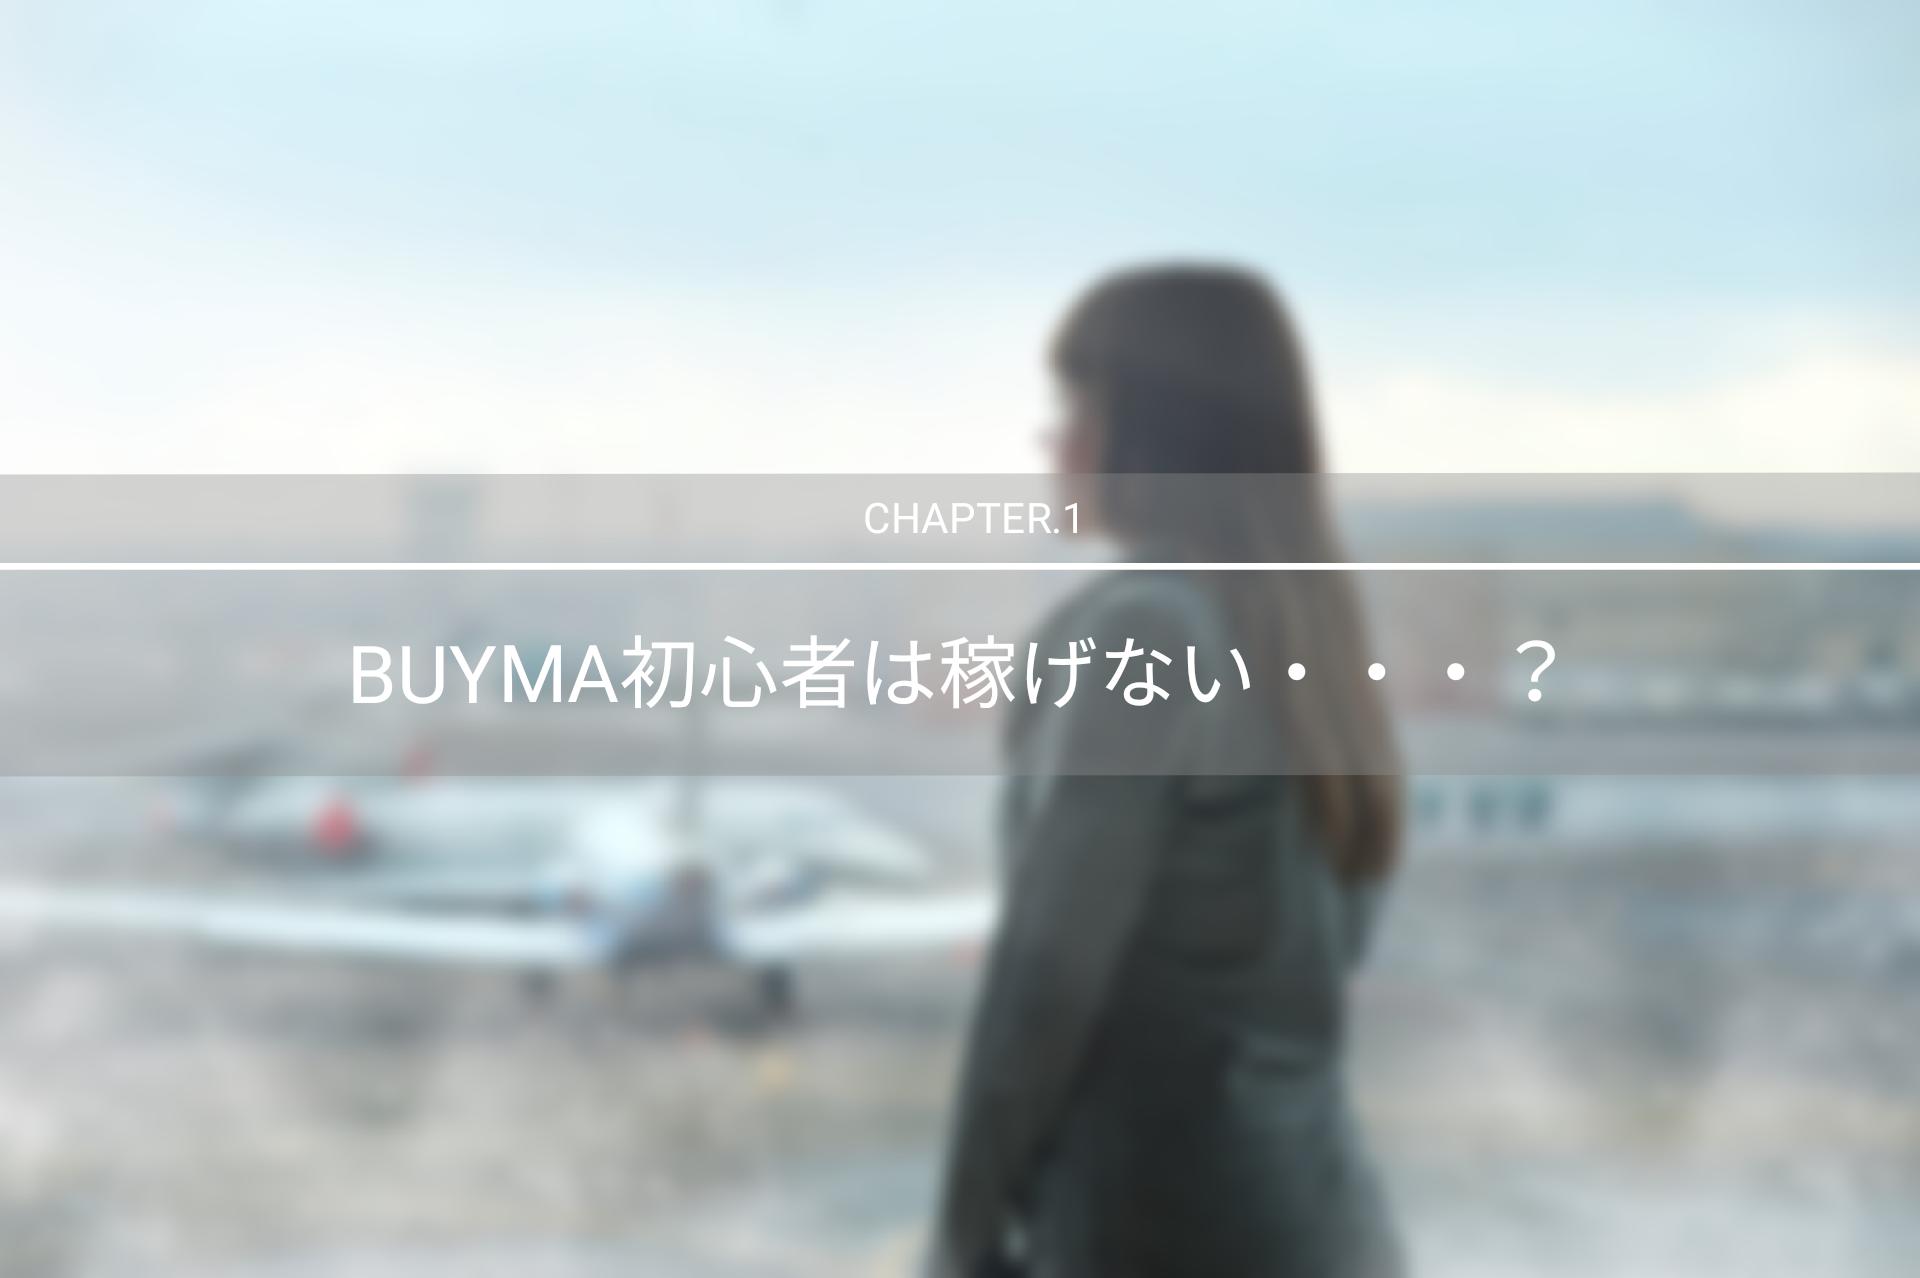 BUYMA(バイマ)の初心者